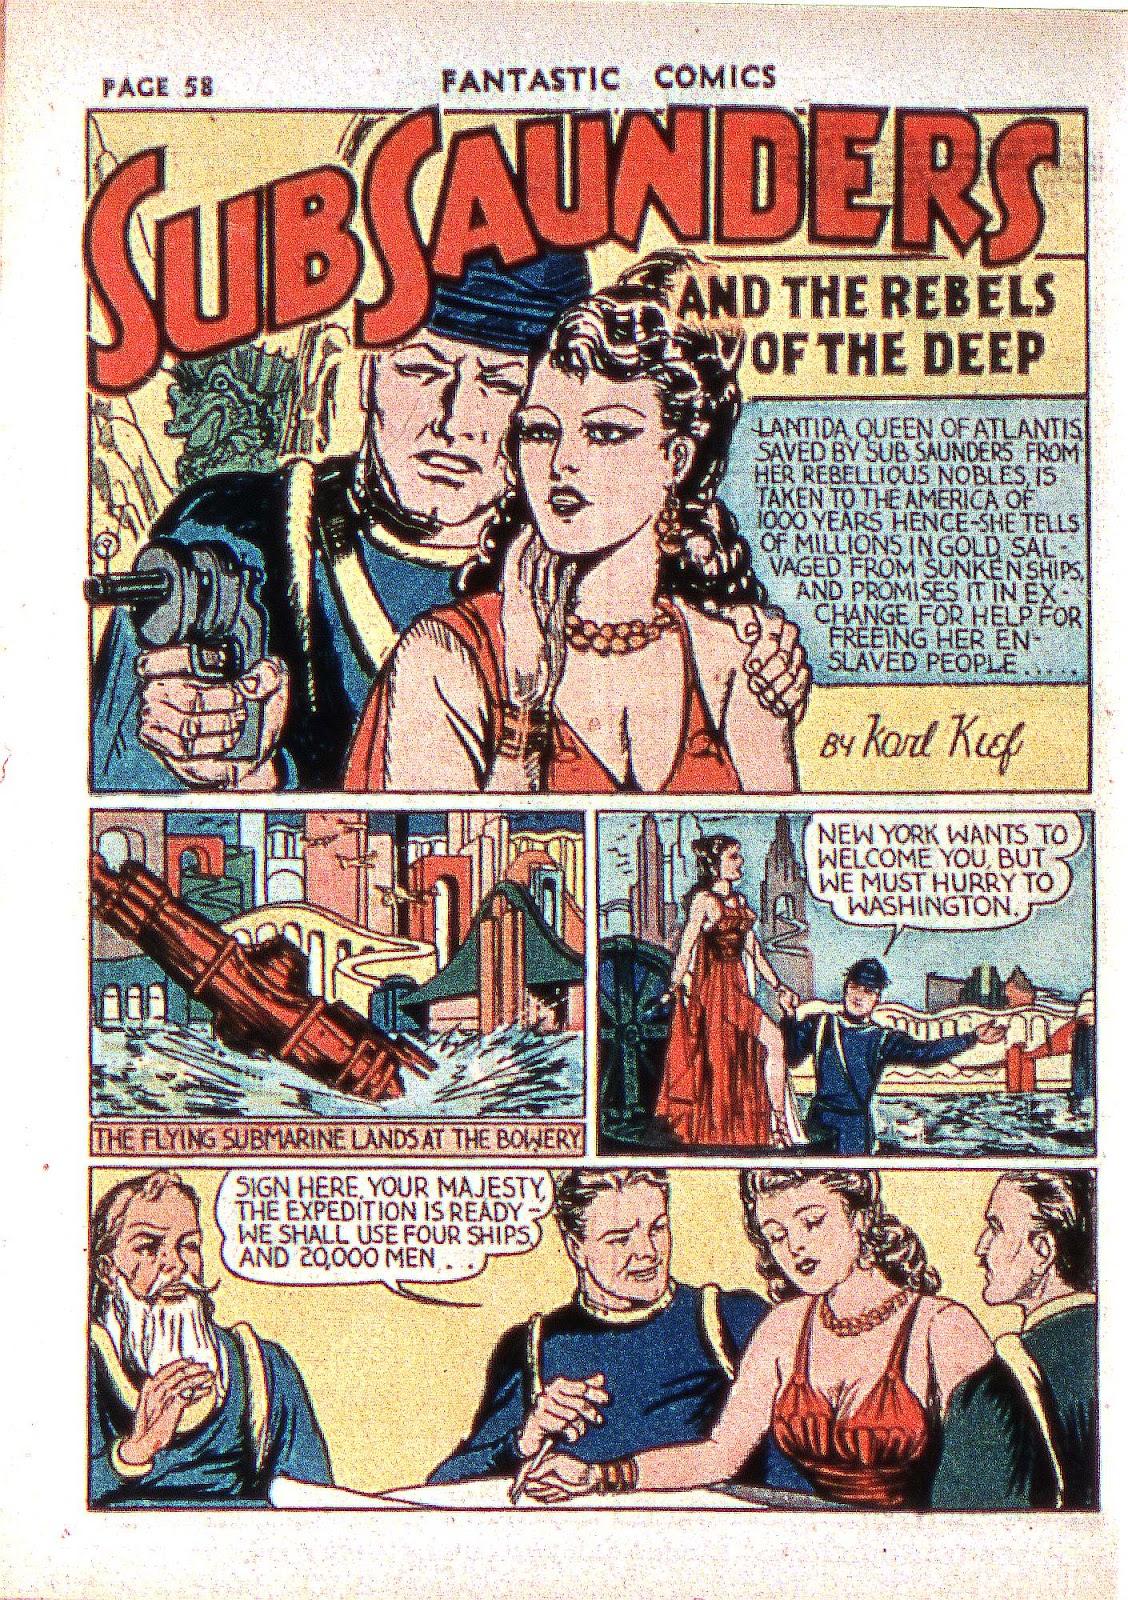 Read online Fantastic Comics comic -  Issue #2 - 59